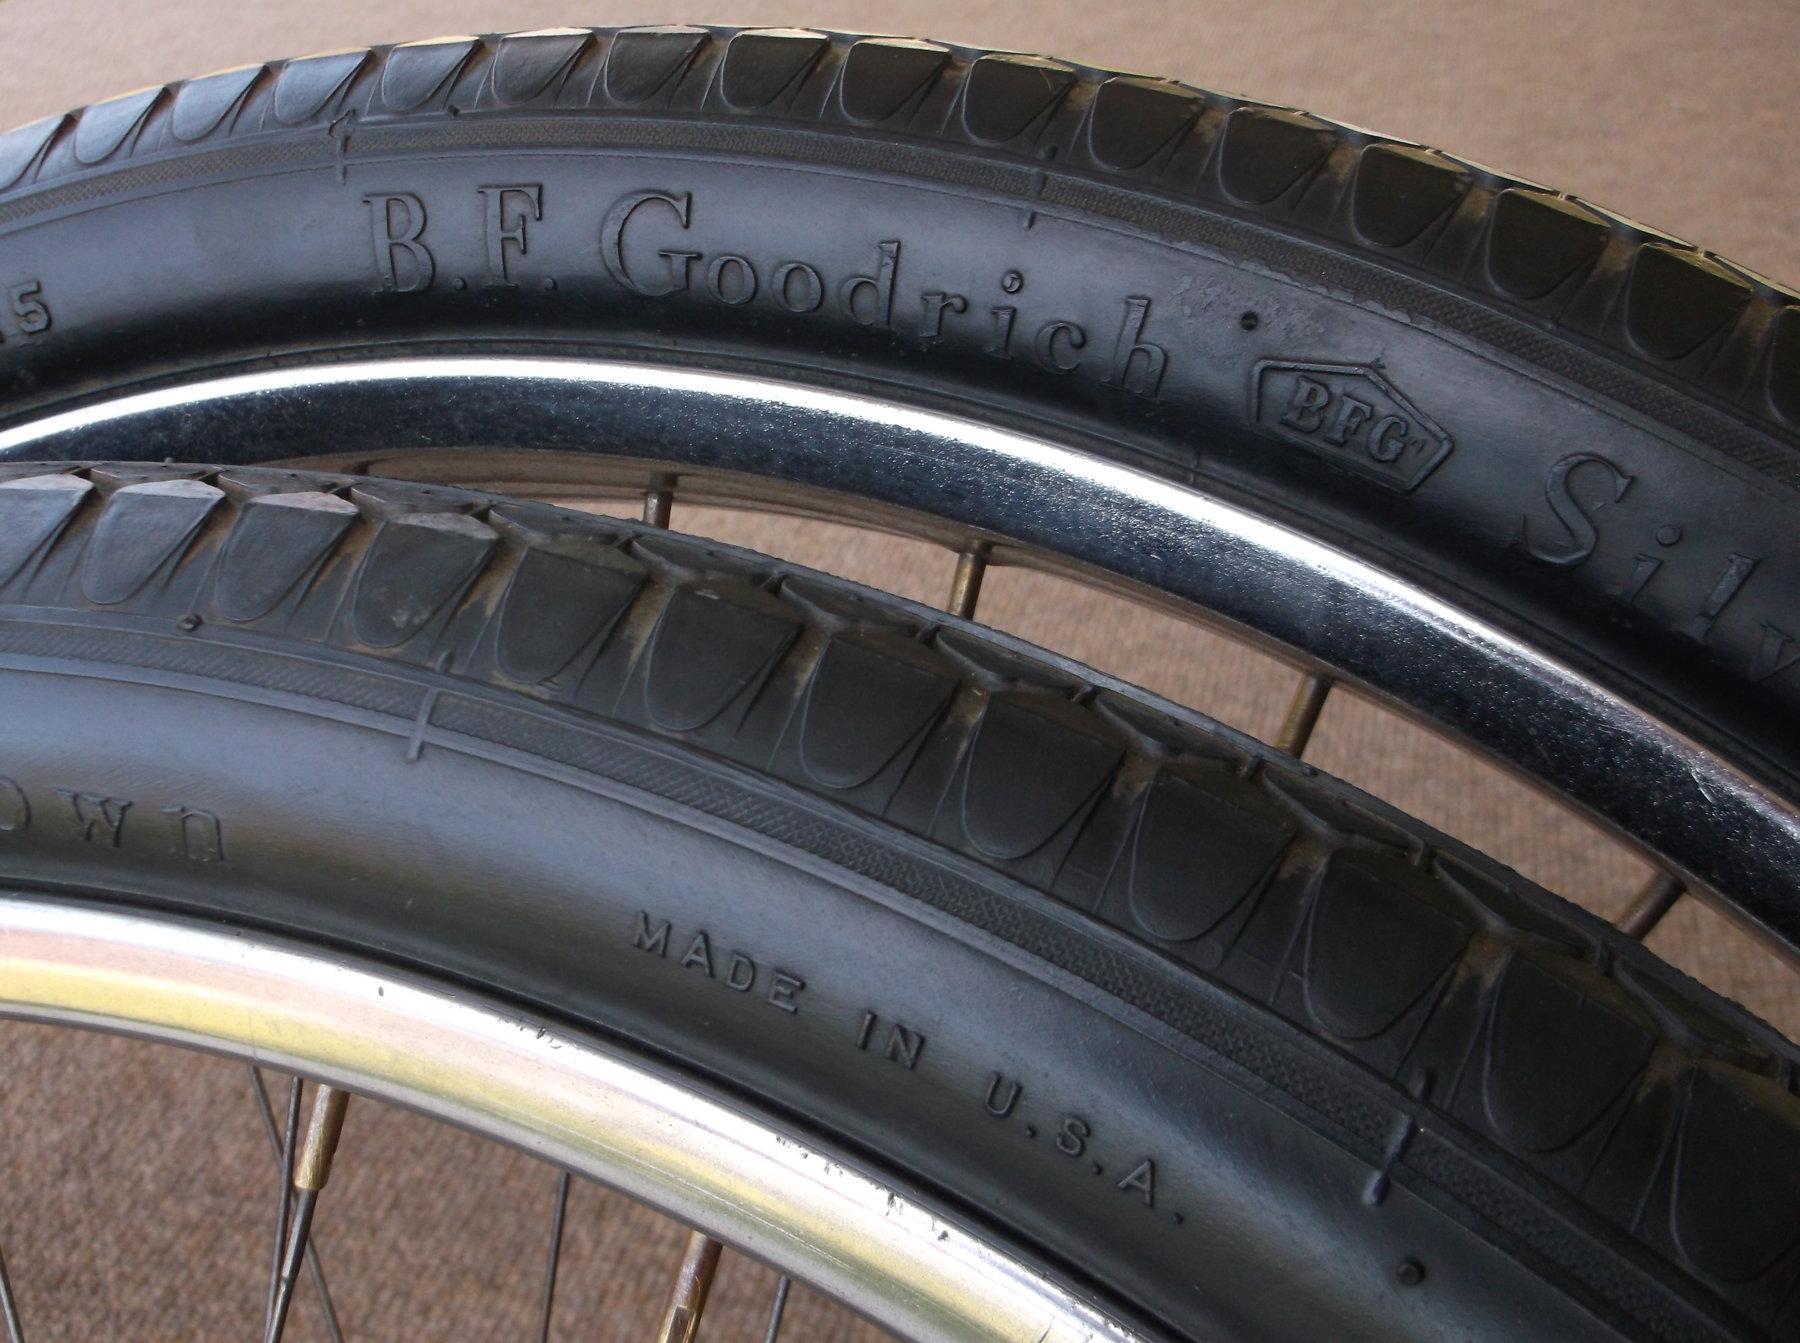 goodrich tires.JPG